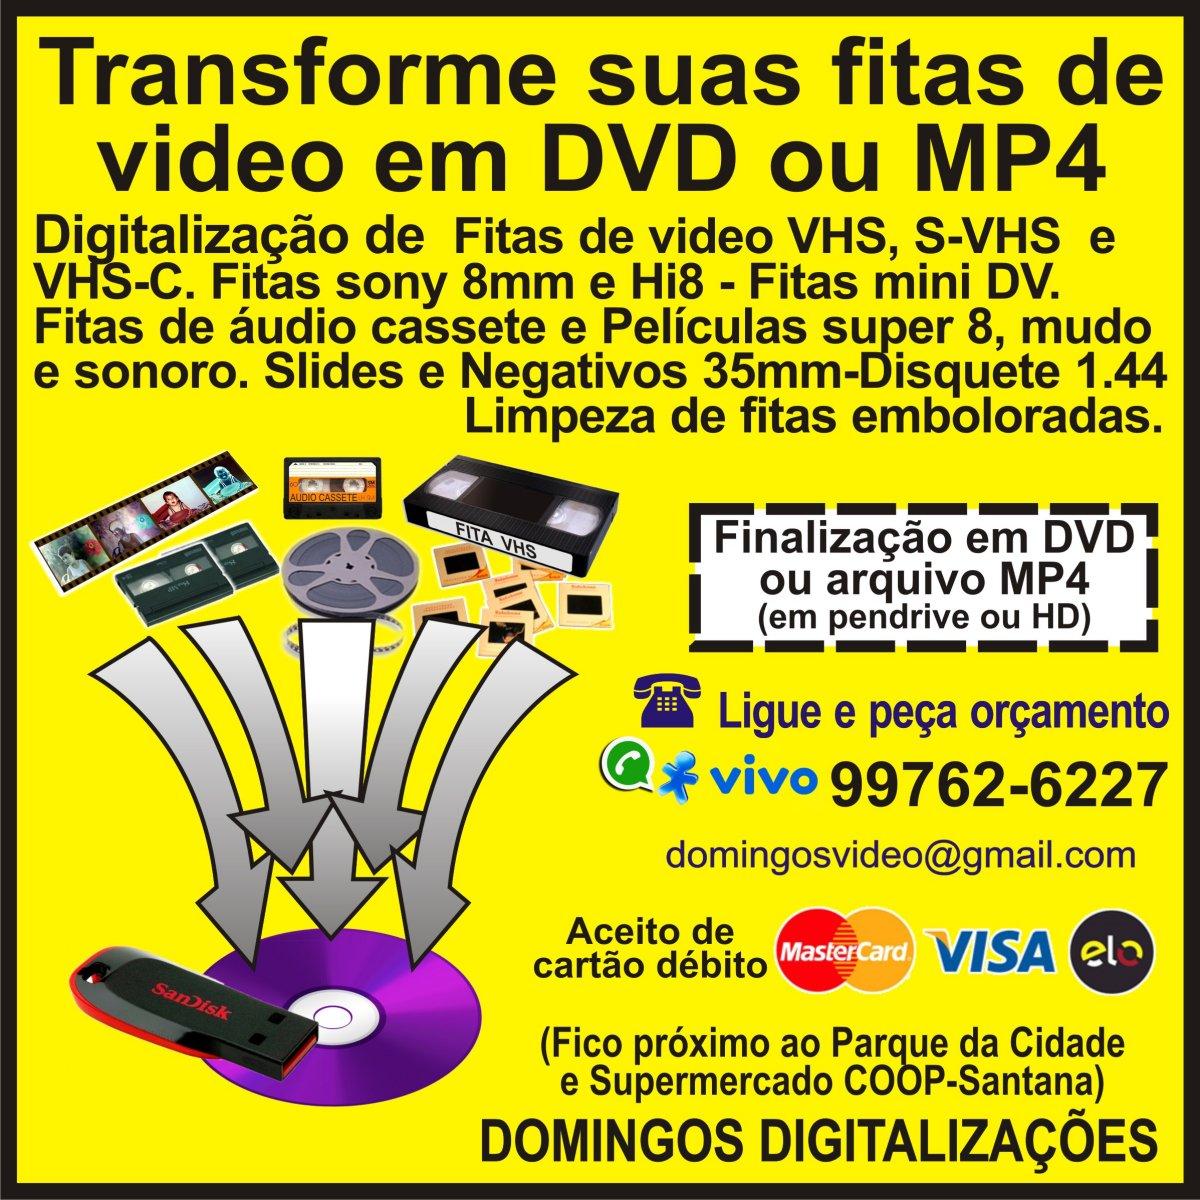 guia sjc, C�PIAS DE FITAS VHS PARA DVD OU ARQUIVO MP4